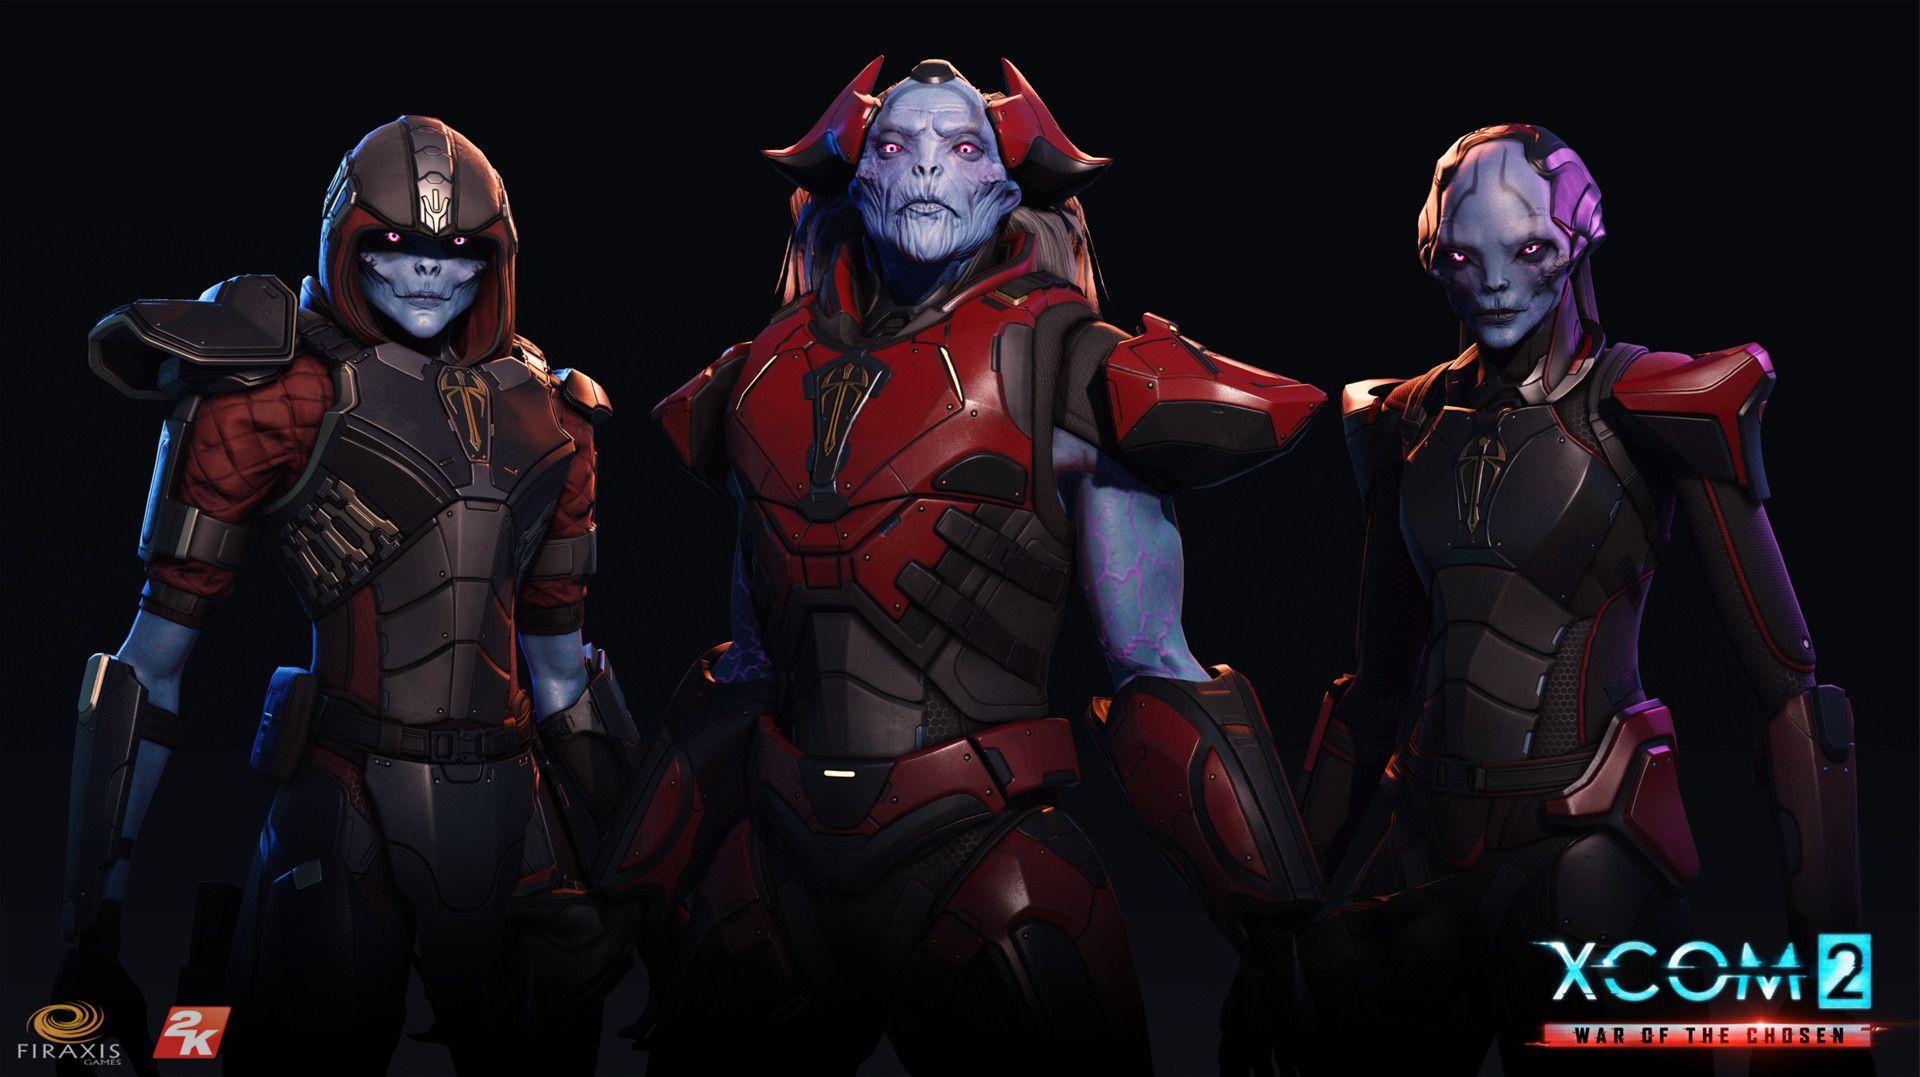 ArtStation 2 War of the Chosen Chosen heads